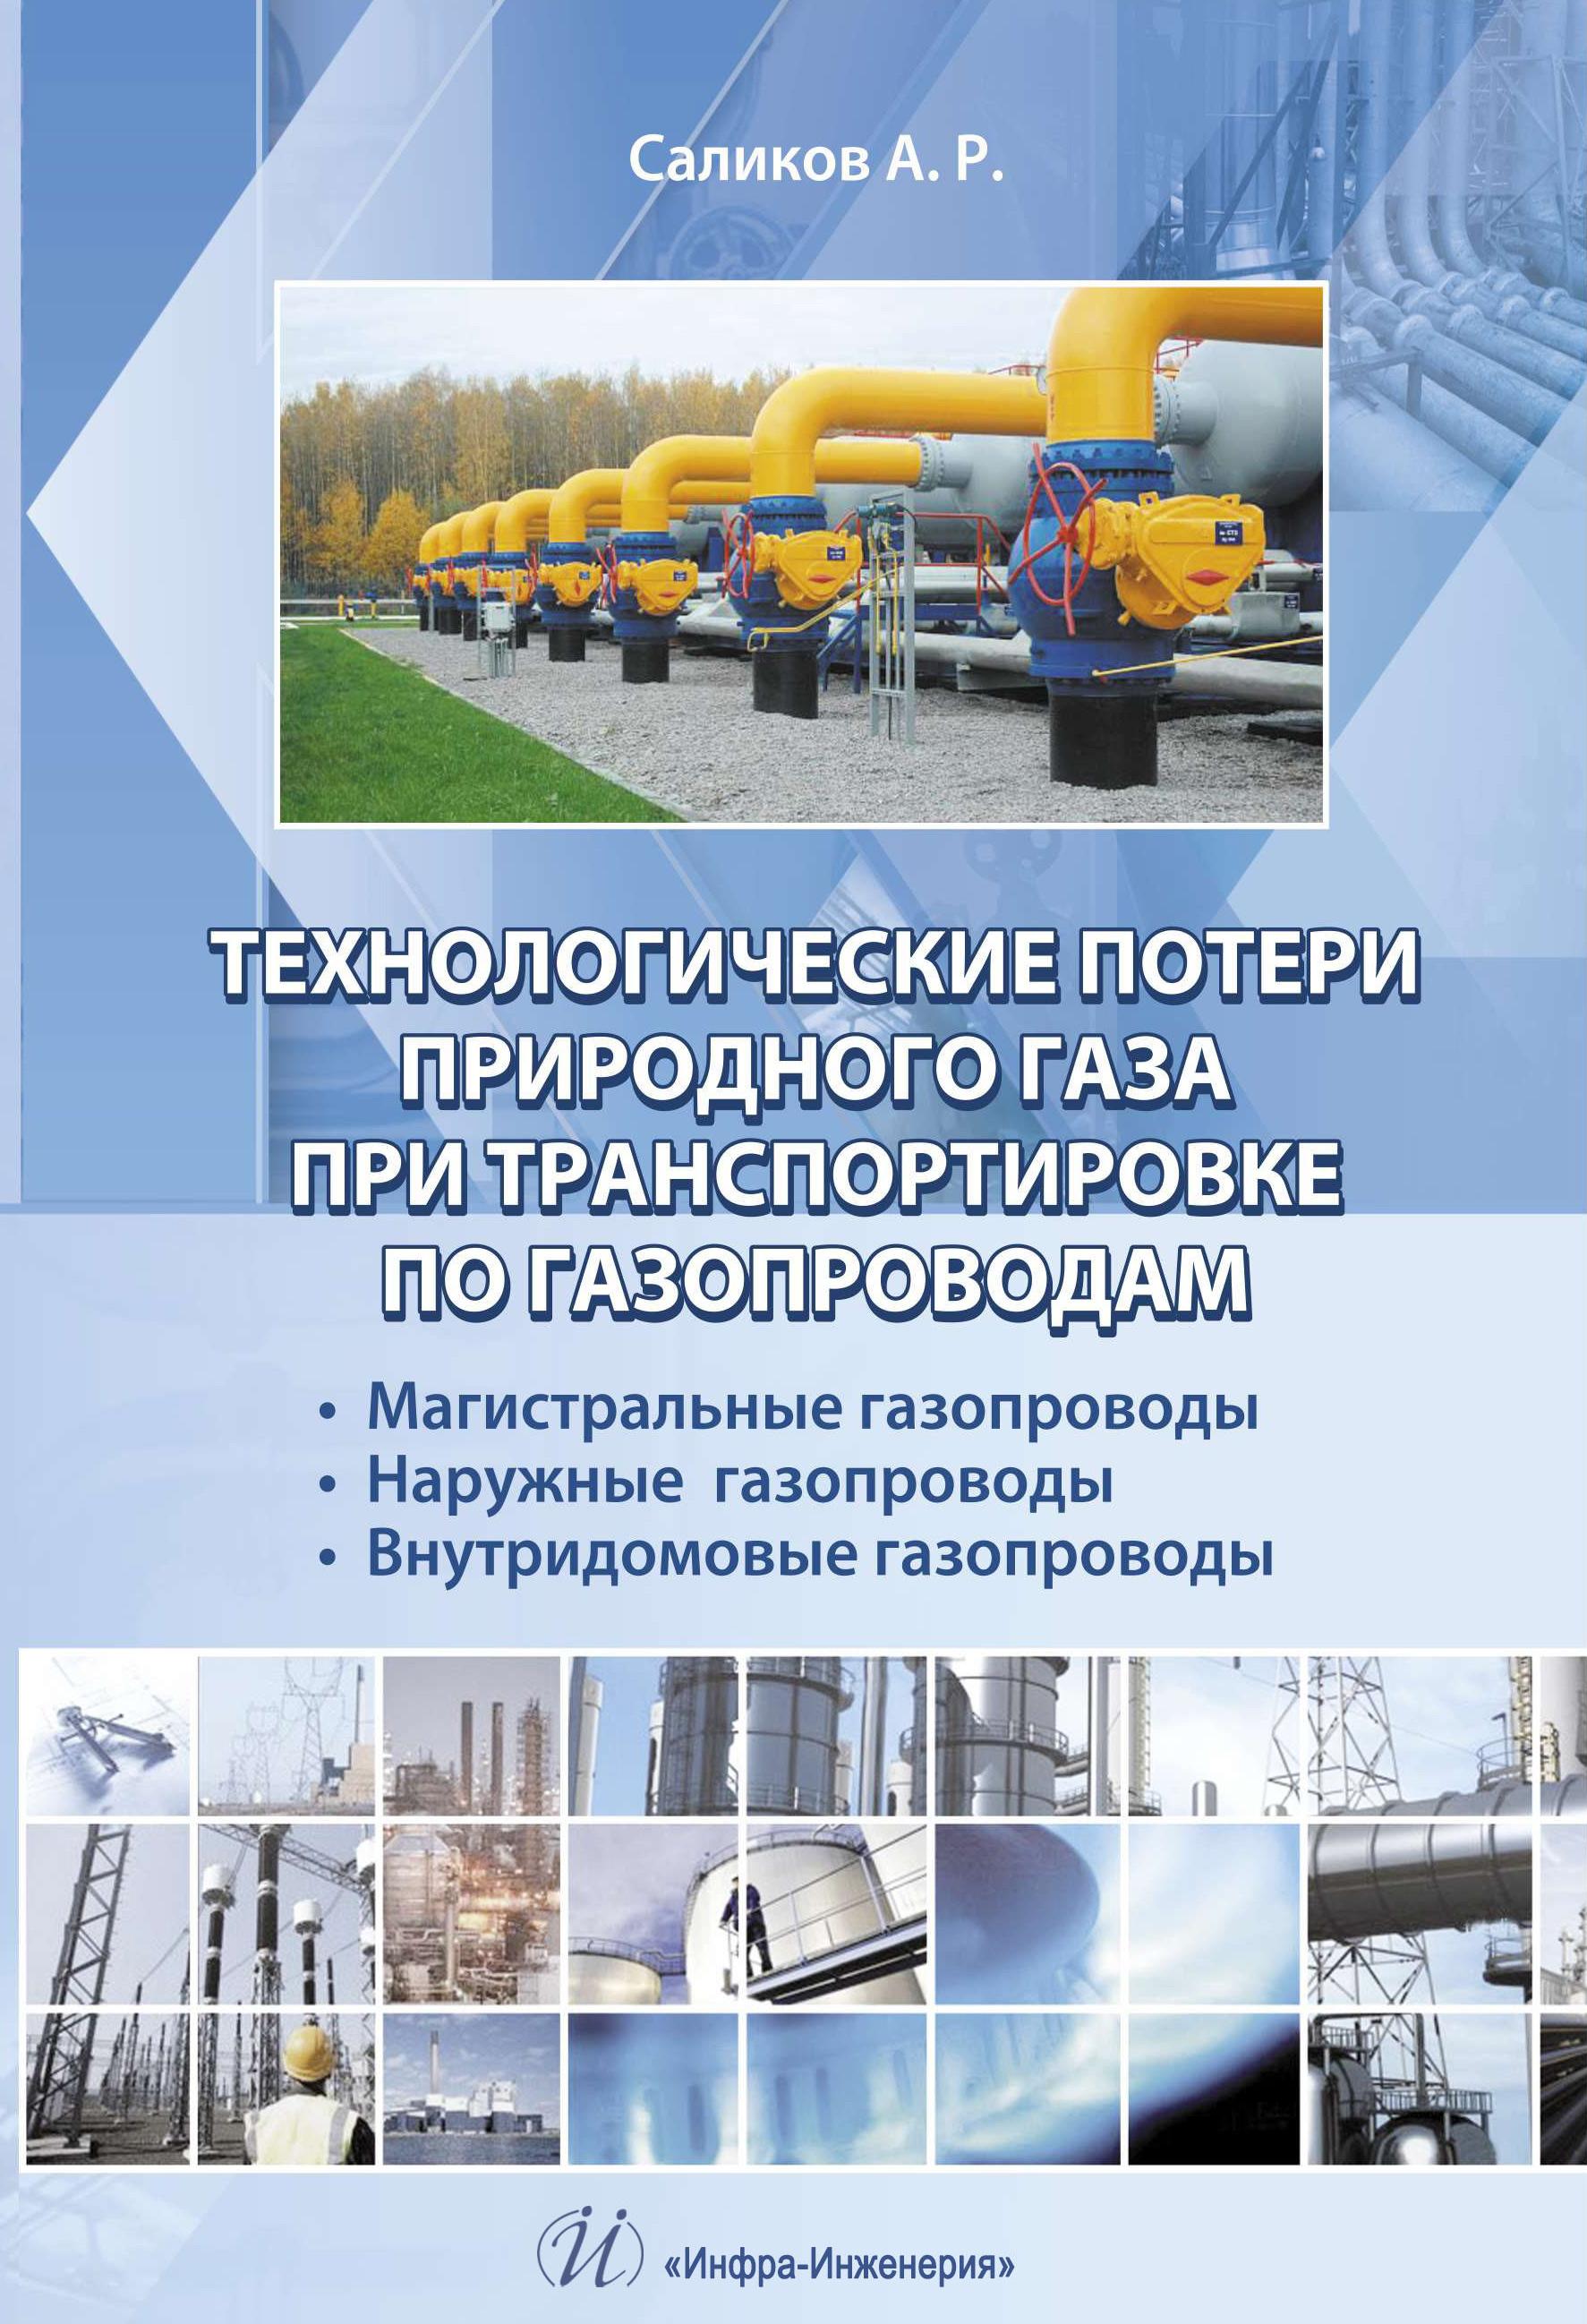 А. Р. Саликов Технологические потери природного газа при транспортировке по газопроводам